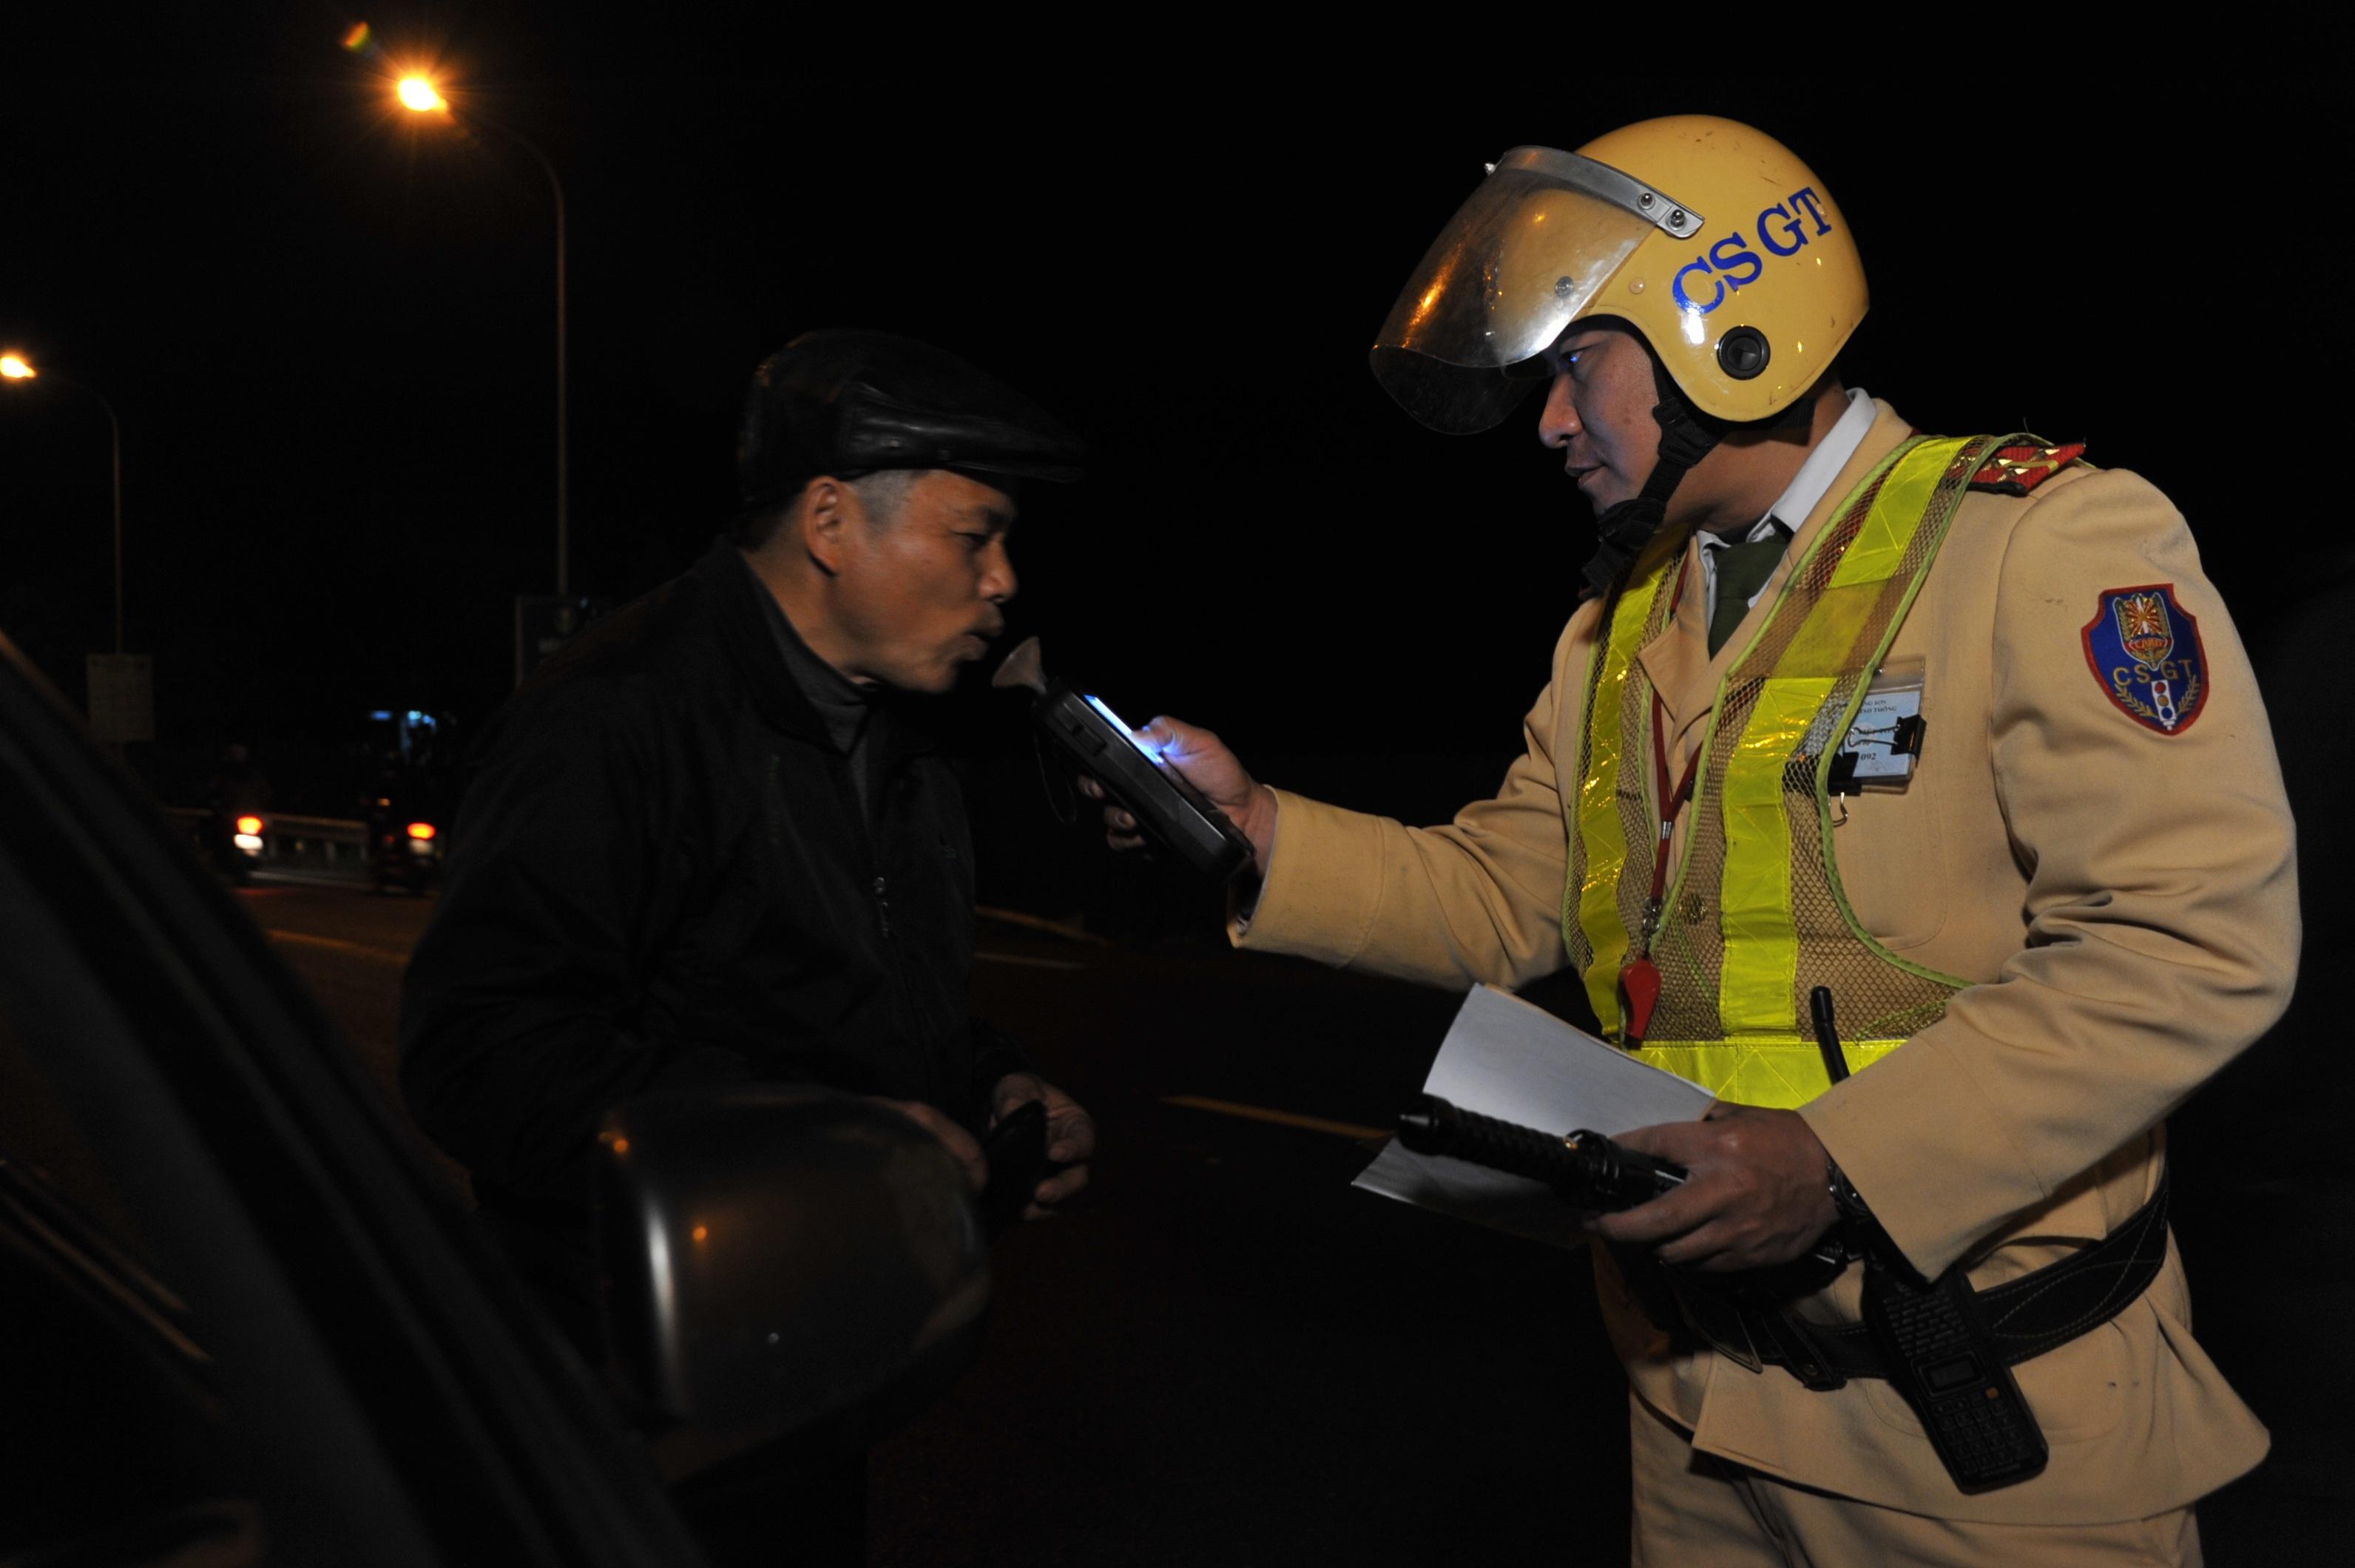 Mỗi lần vi phạm giao thông, tài xế sẽ bị... trừ điểm trên bằng lái? - 1